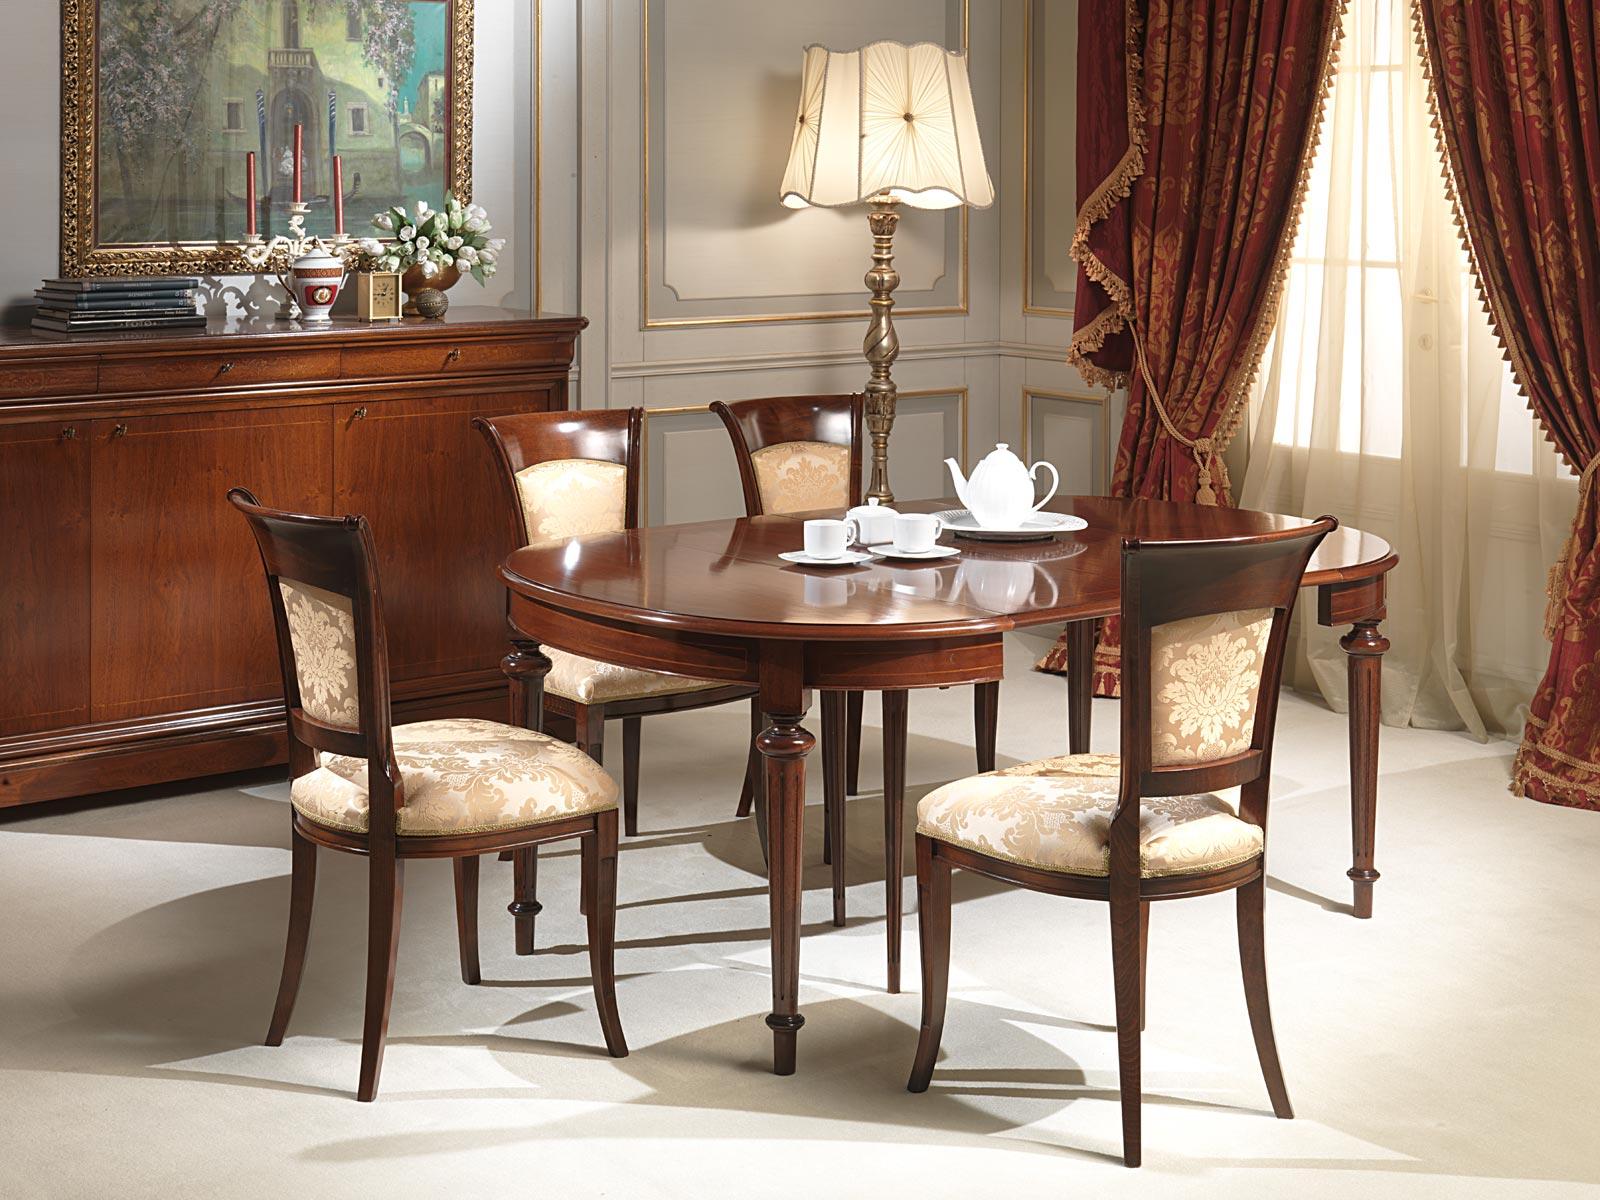 Tavolo ovale allungabile con intarsi vimercati meda - Tavolo ovale allungabile ...